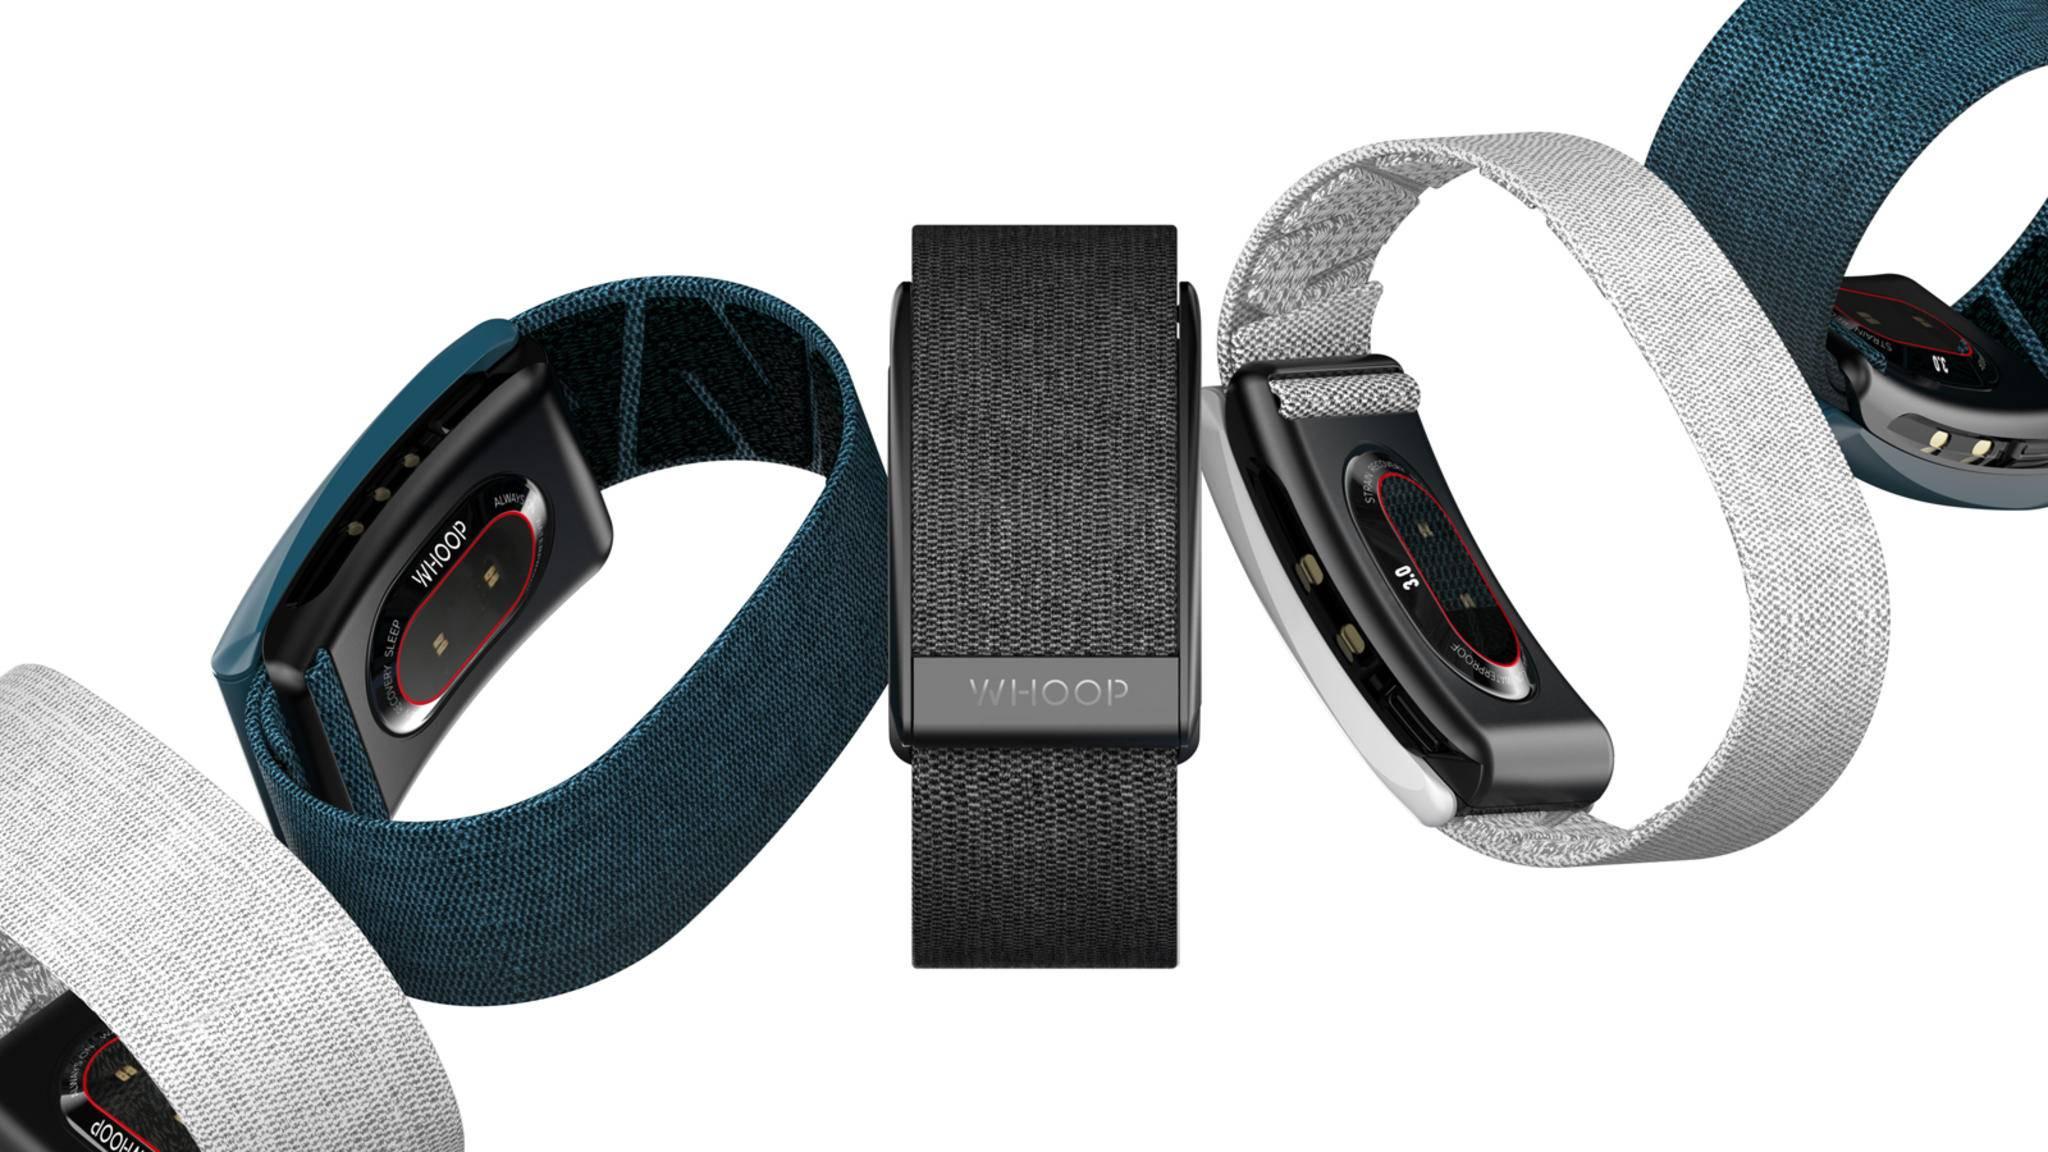 Fitness-Armbänder brauchen kein Display, um Daten zu sammeln.